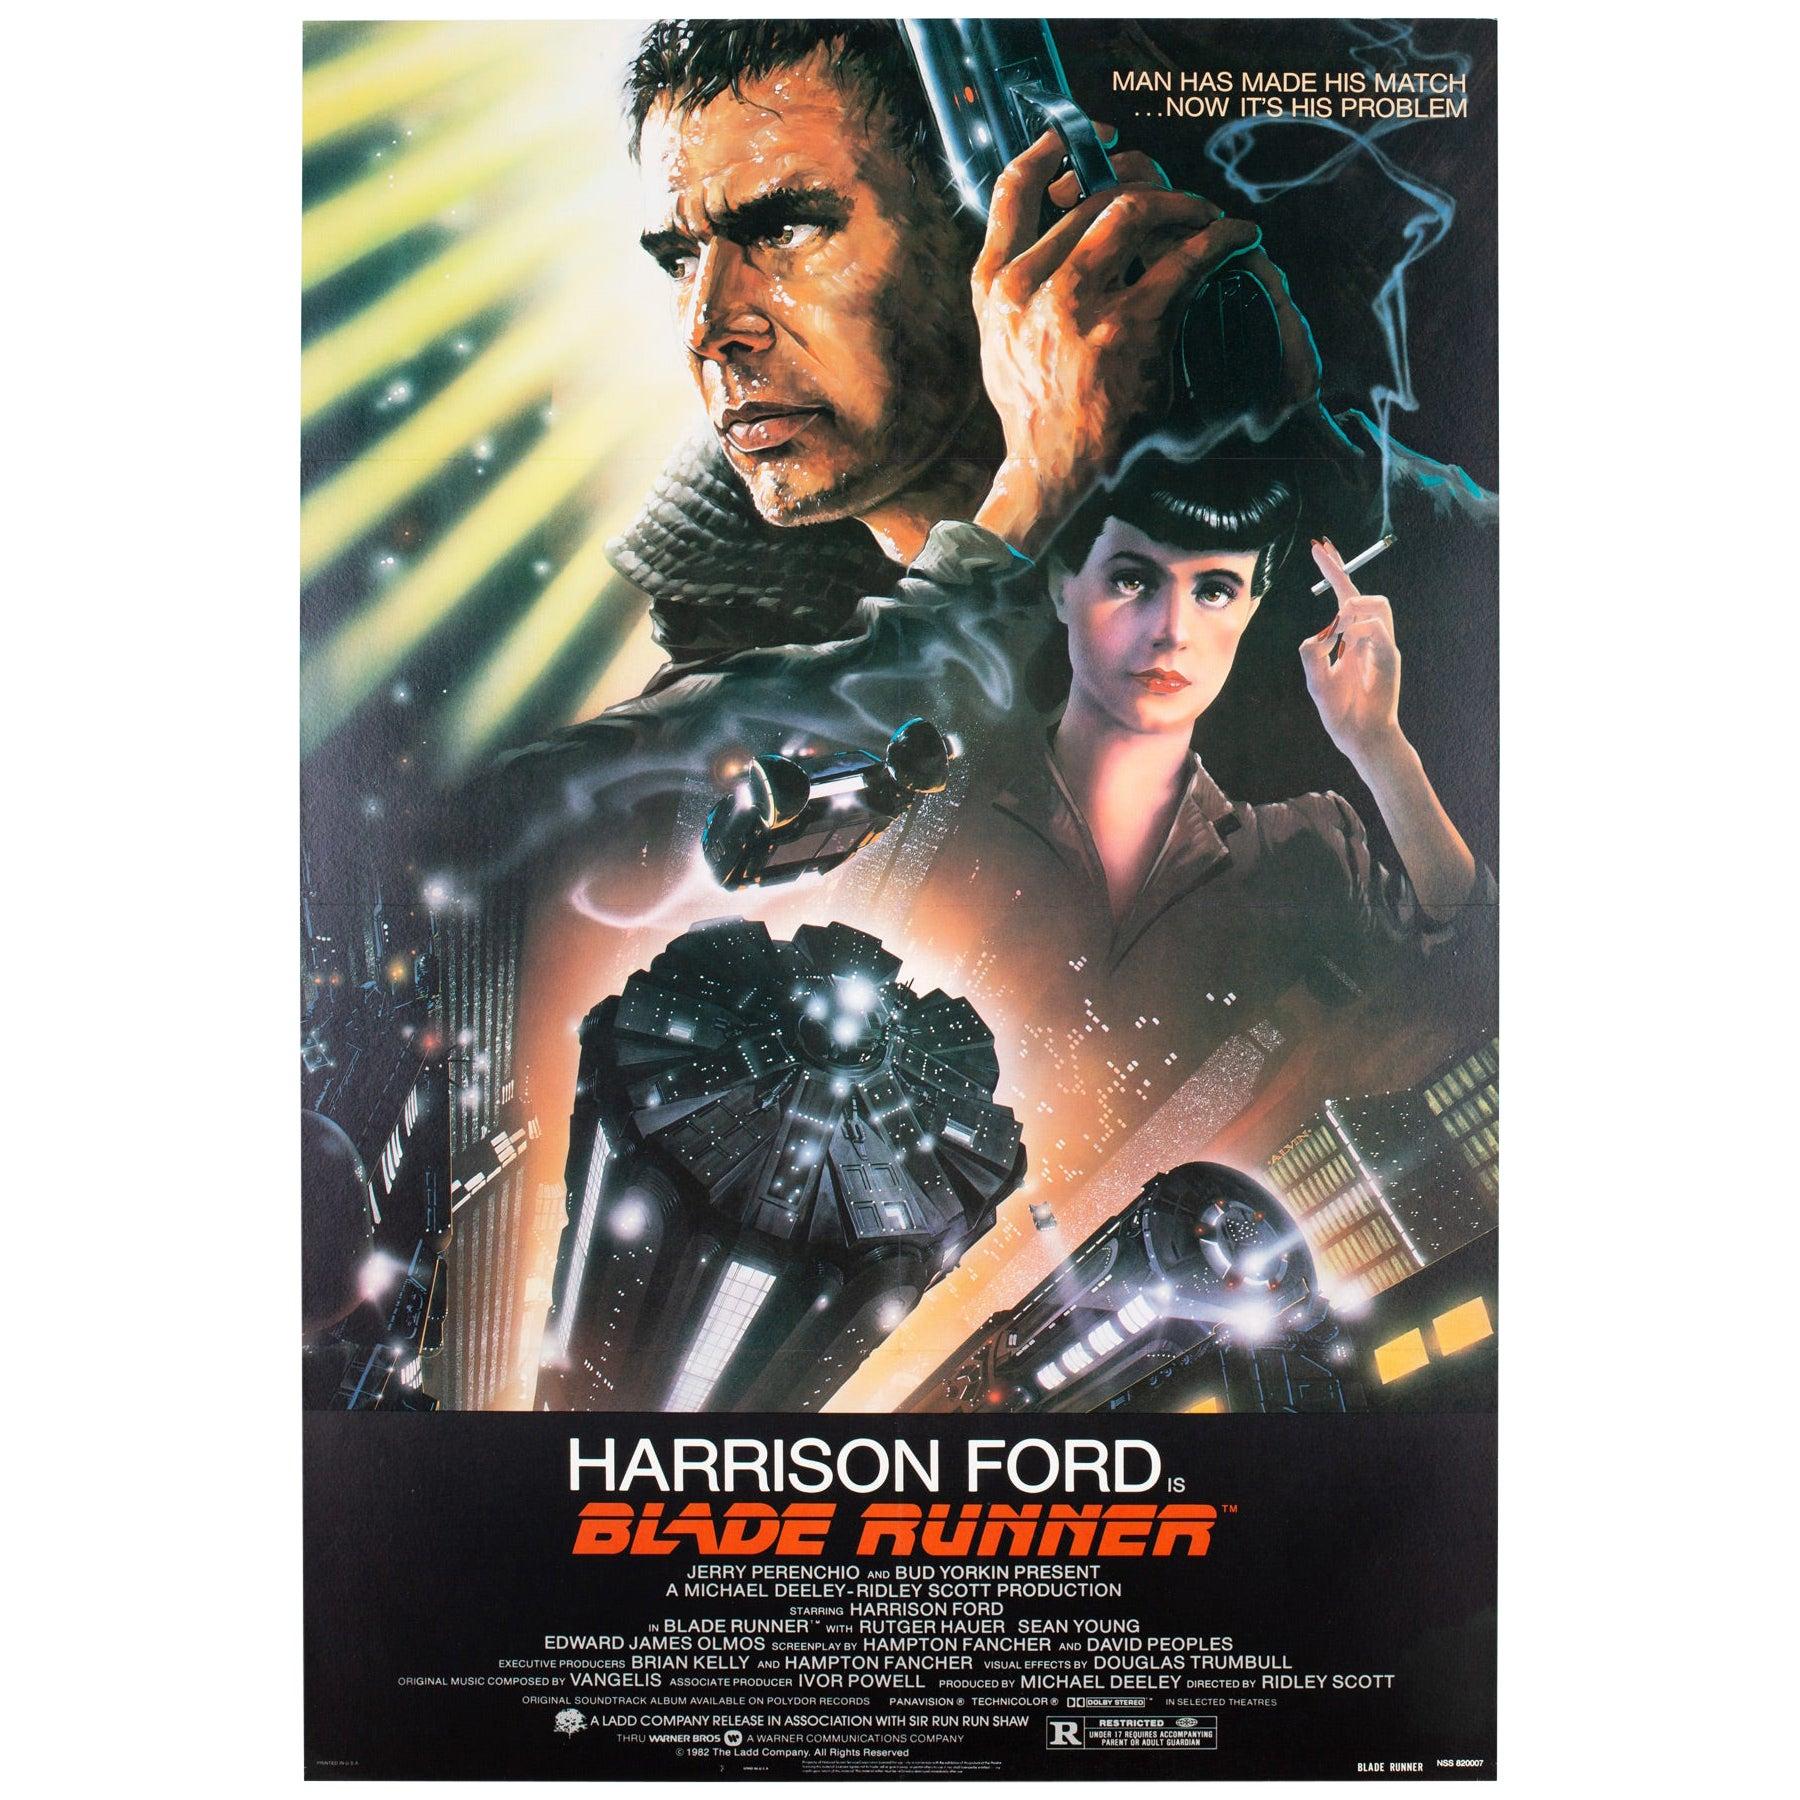 Blade Runner 1982 US 1 Sheet Film Movie Poster, Alvin